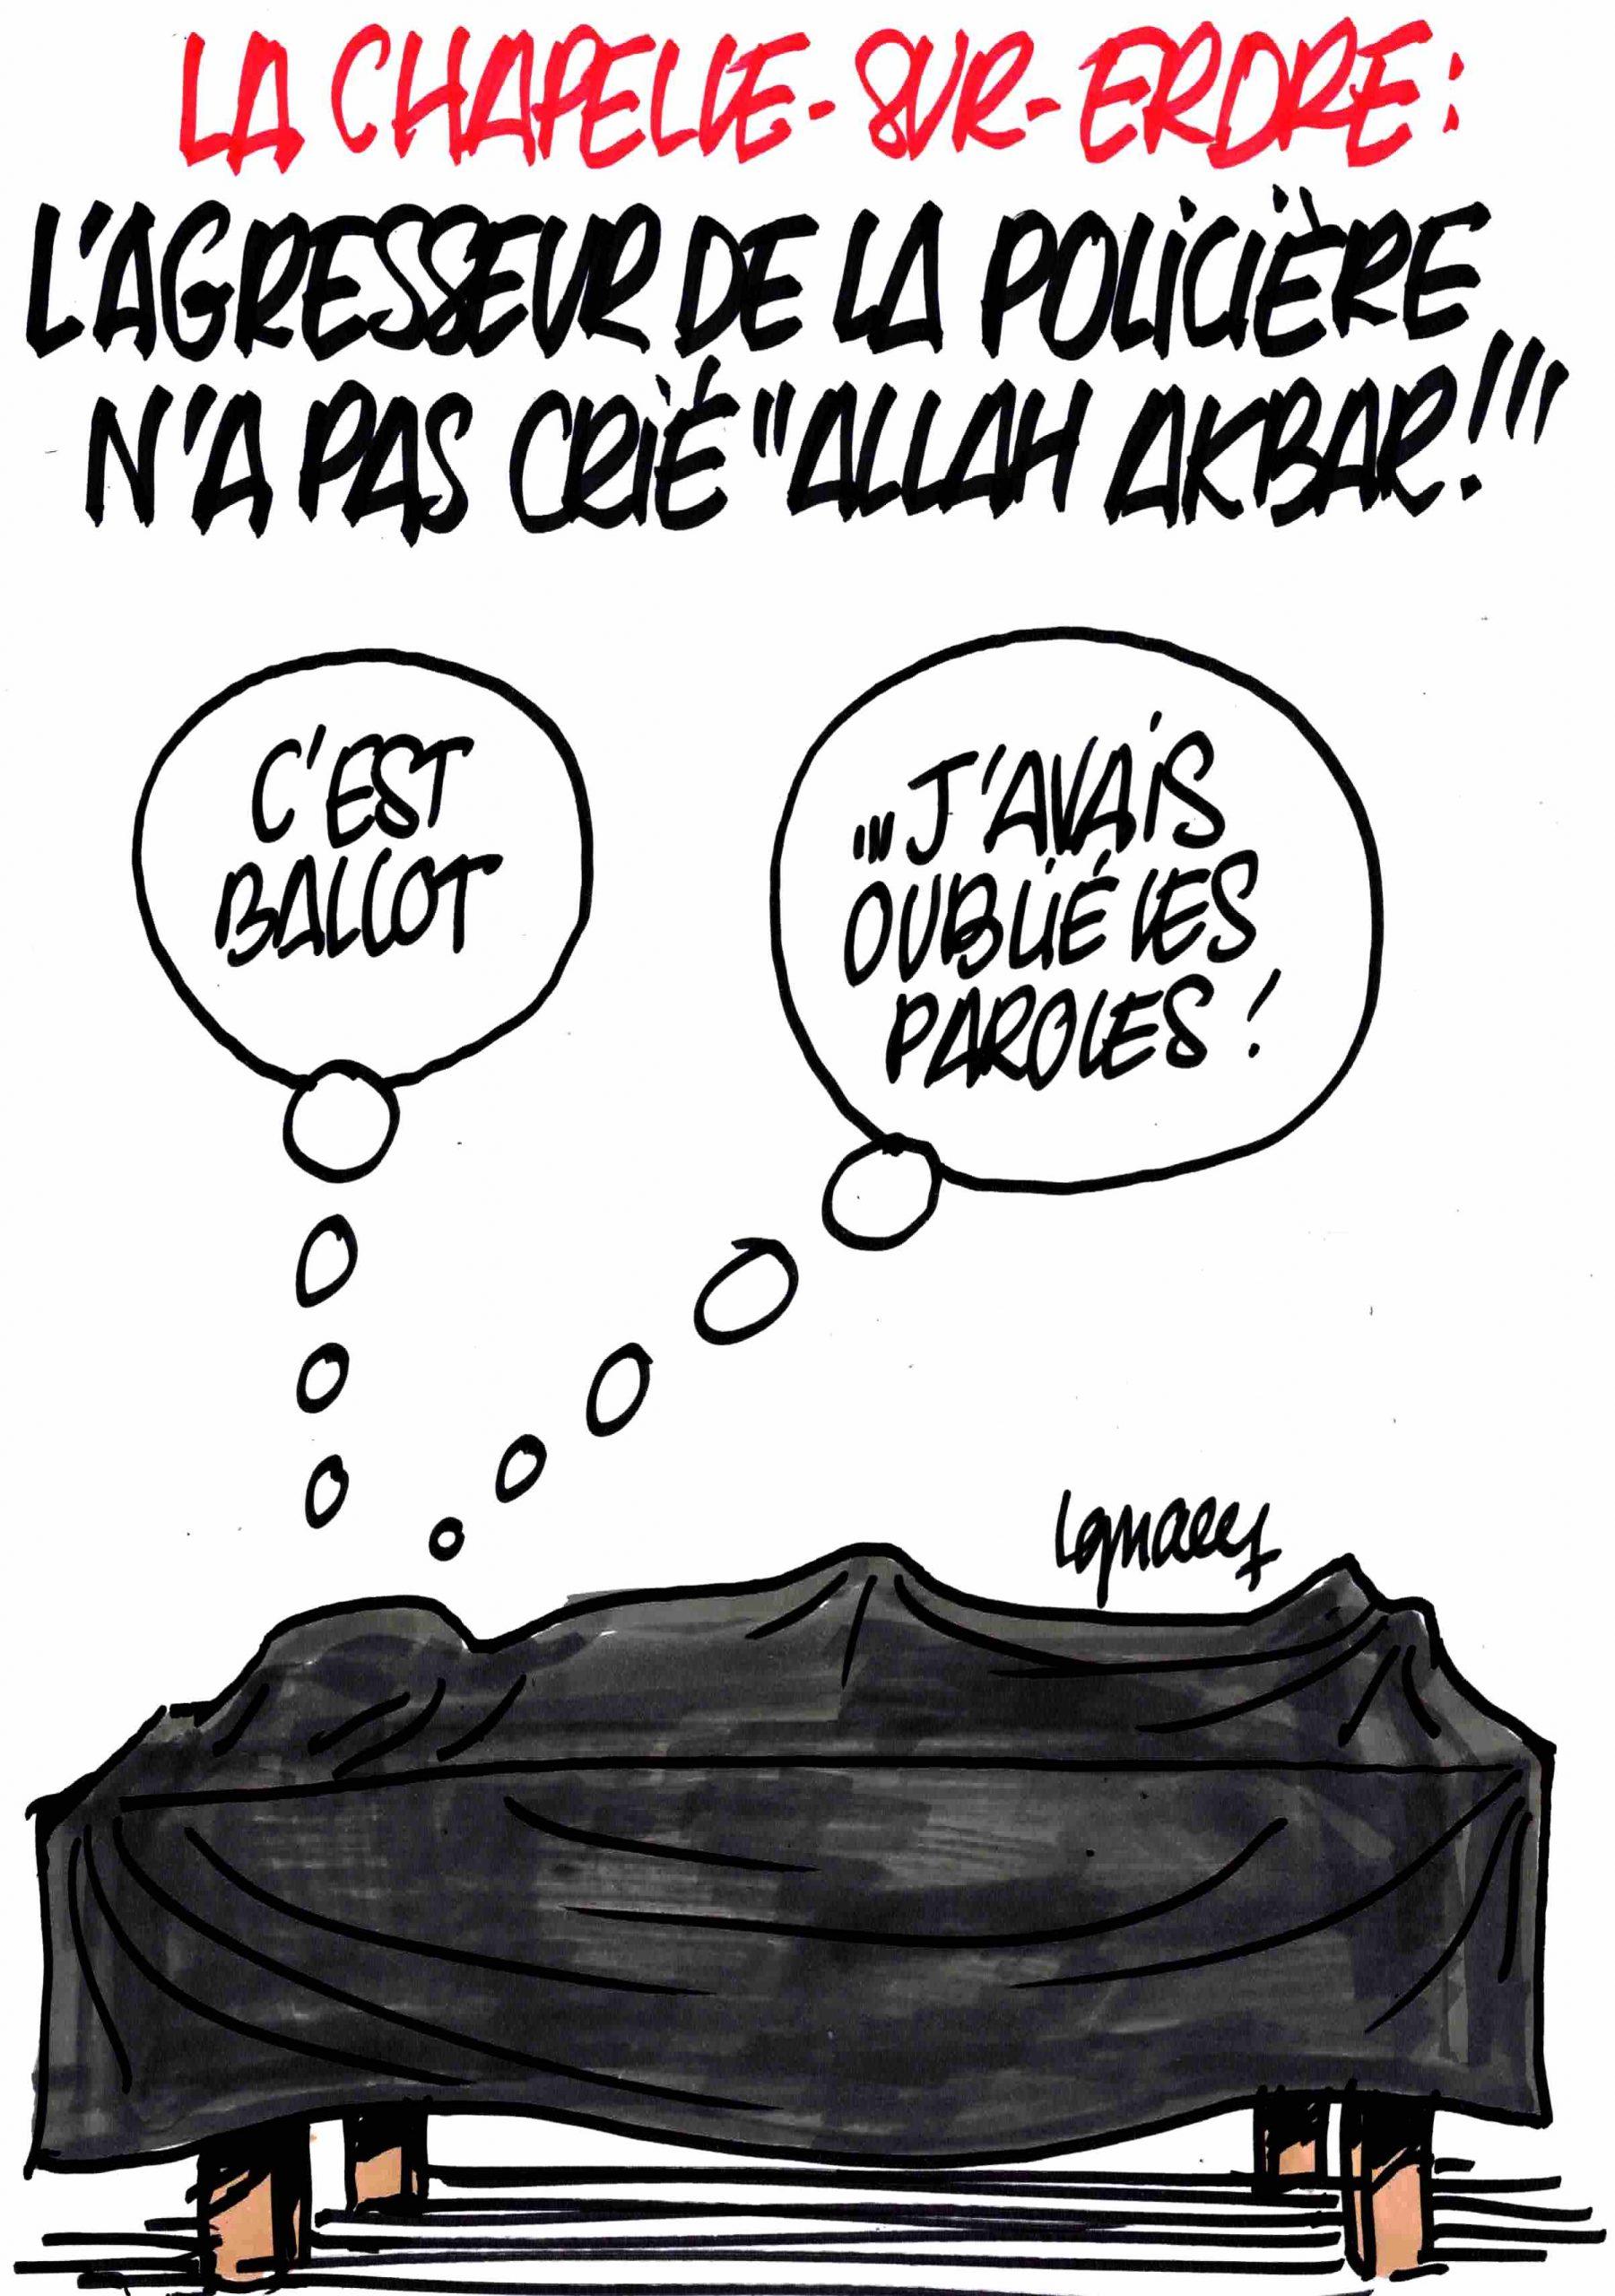 """Ignace - L'agresseur de la policière n'avait pas crié """"Allah akbar !"""""""